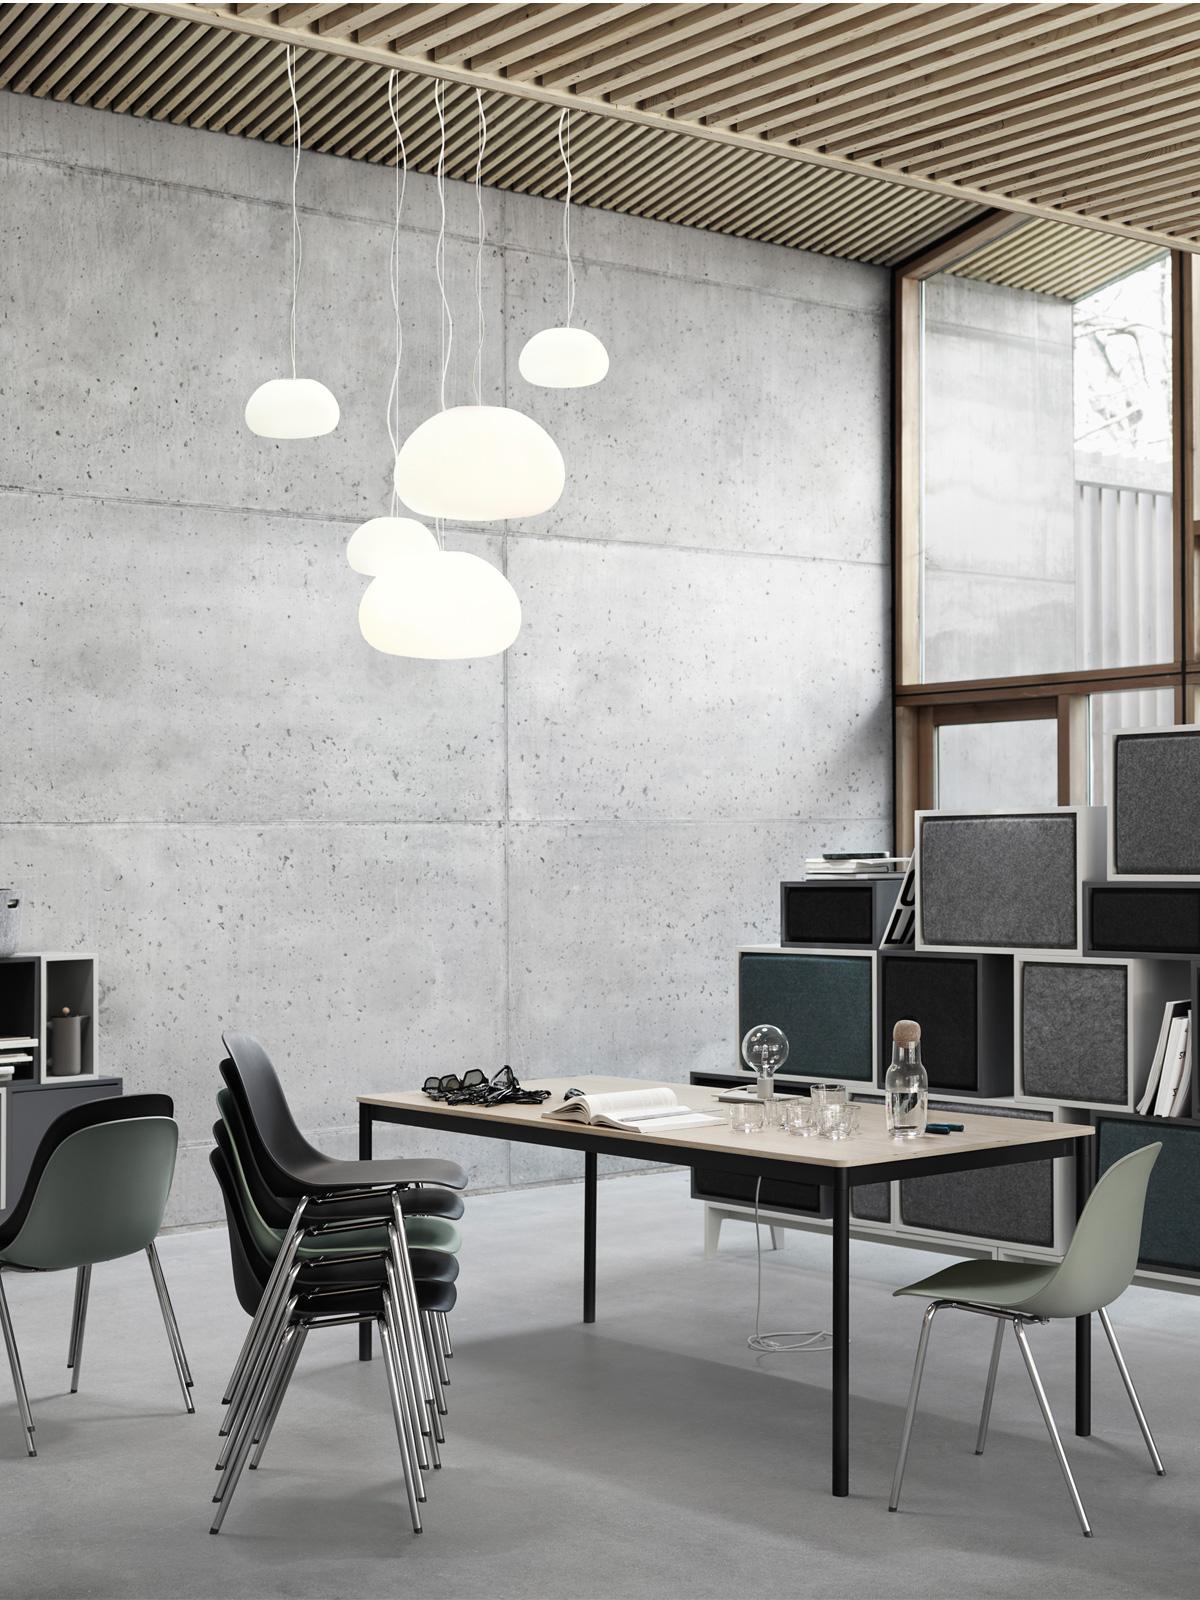 Designerleuchte Fluid von Muuto mundgeblasenes Glas wolkenförmige Designerlampen